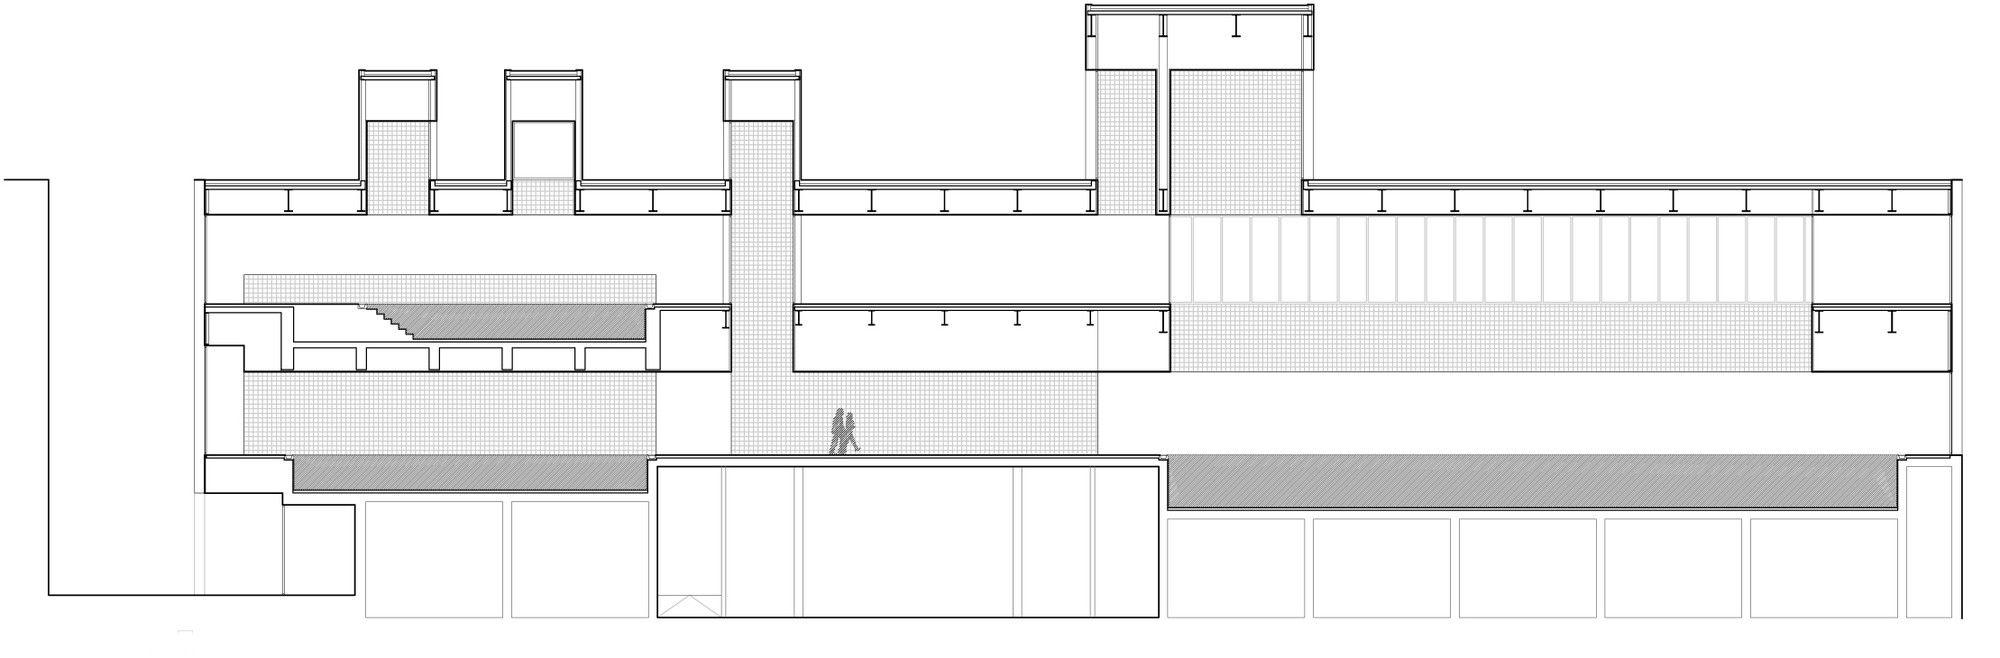 Galería de Centro Hidtrotermal Aquavox / Otxotorena - 31